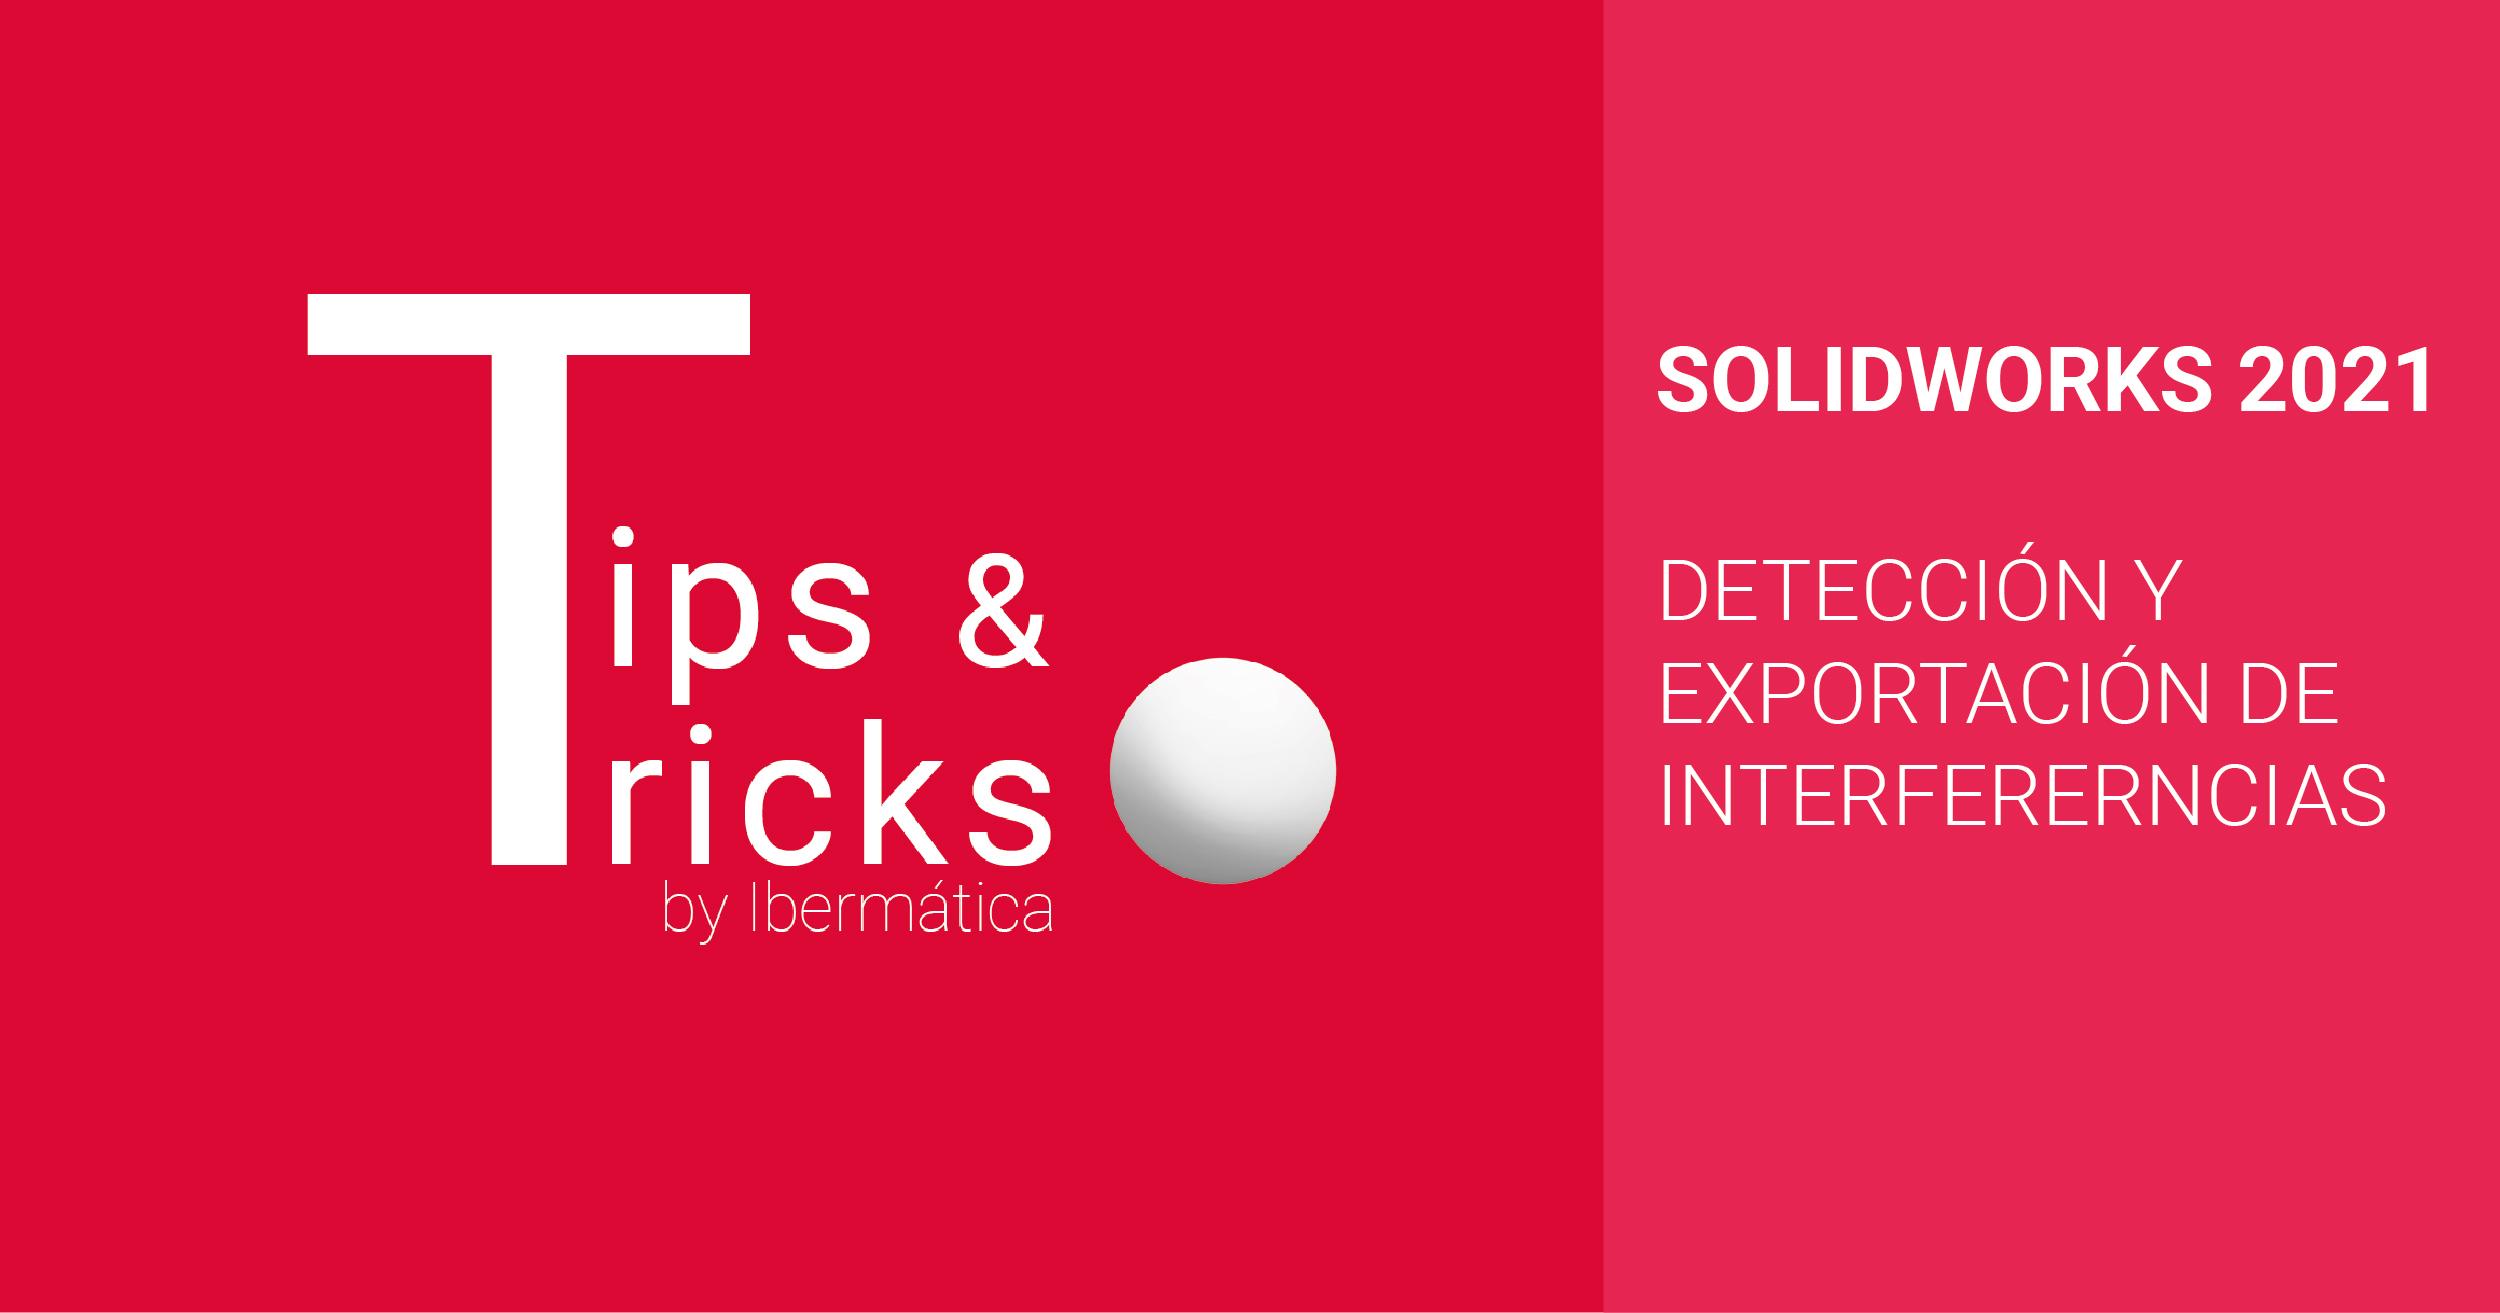 Detección de interferencias. SOLIDWORKS TIPS AND TRICKS. SOLIDWORKS 2021.